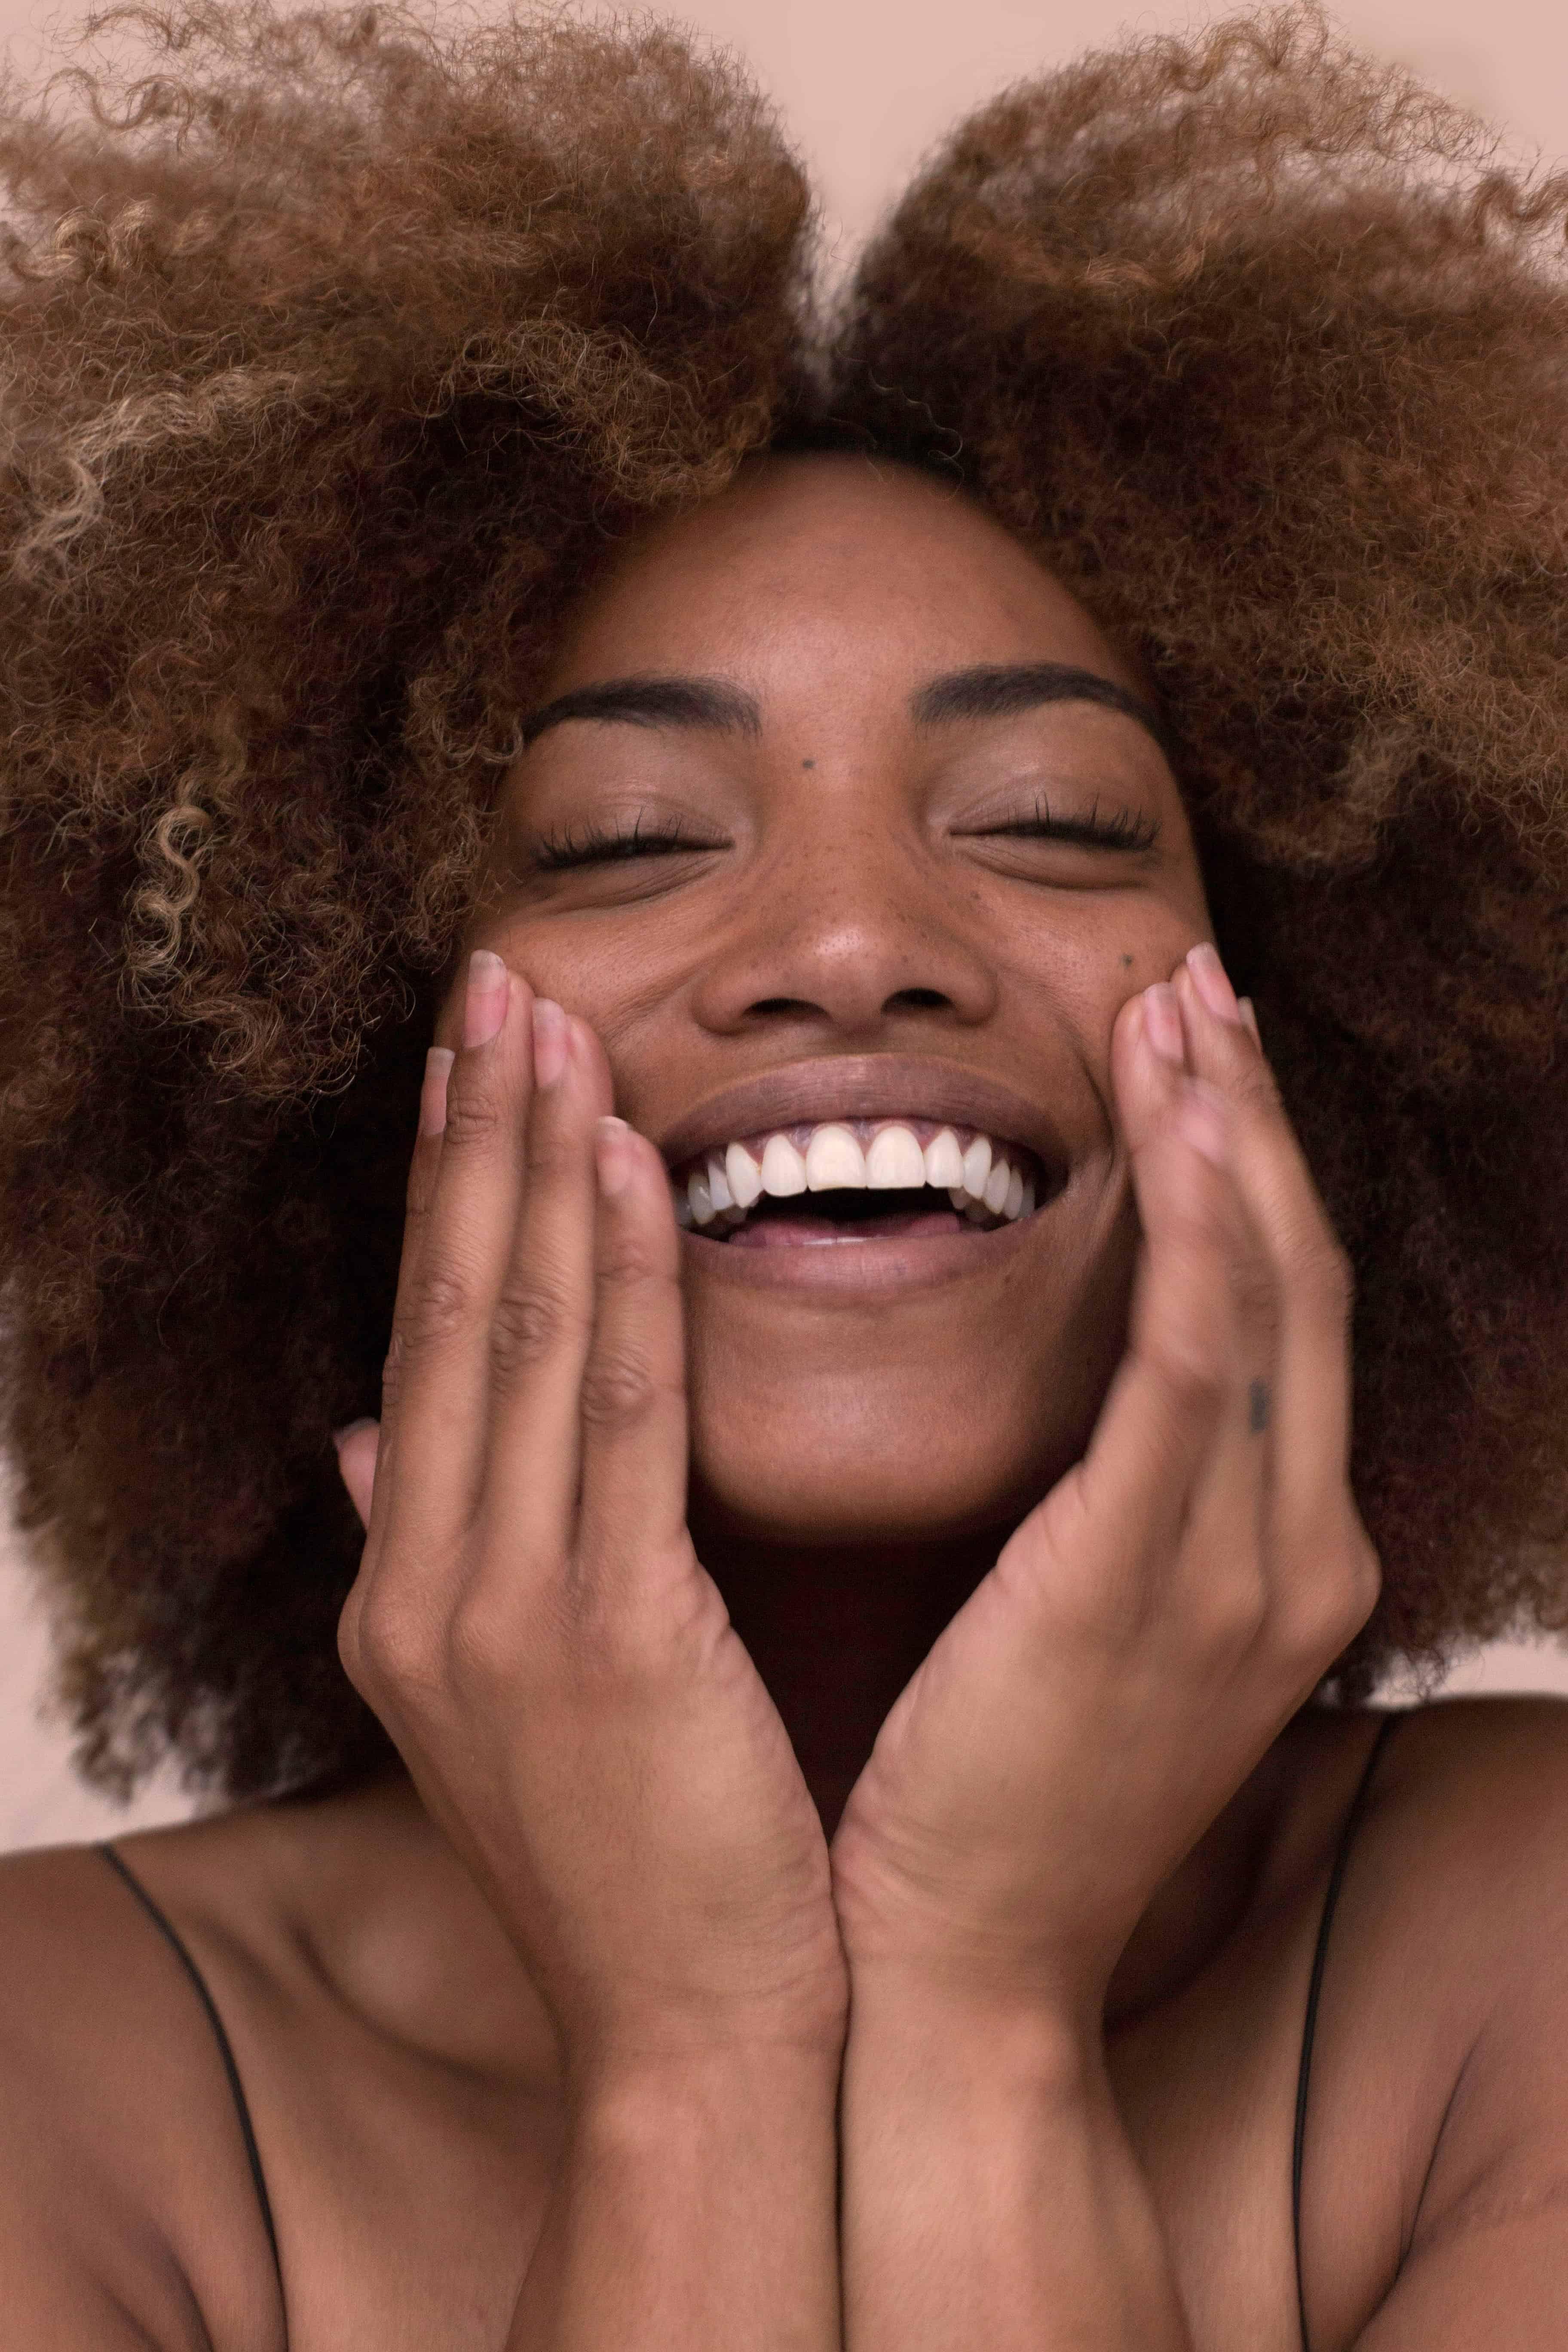 [BEAUTY 101] 6 DIY Facial Masks for Every Skin Type • EBONY